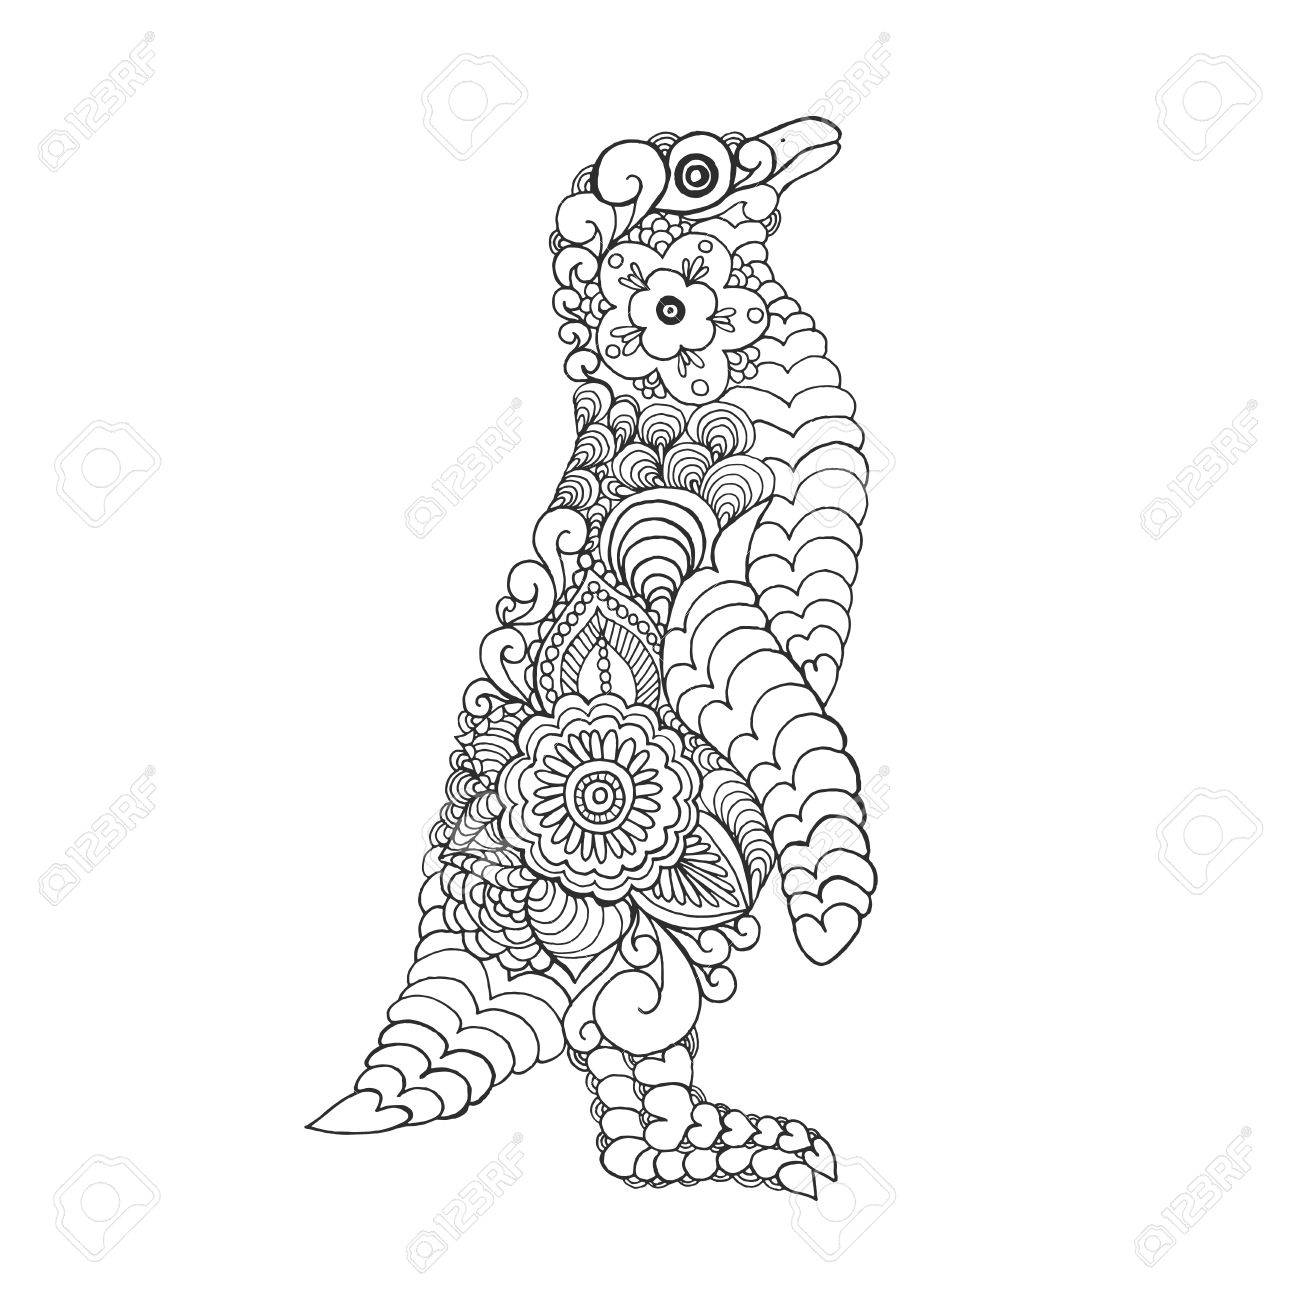 Kleurplaten Voor Volwassenen Dieren Printen.Gestileerde Leuke Pinguin Volwassen Antistress Kleurplaat Zwart